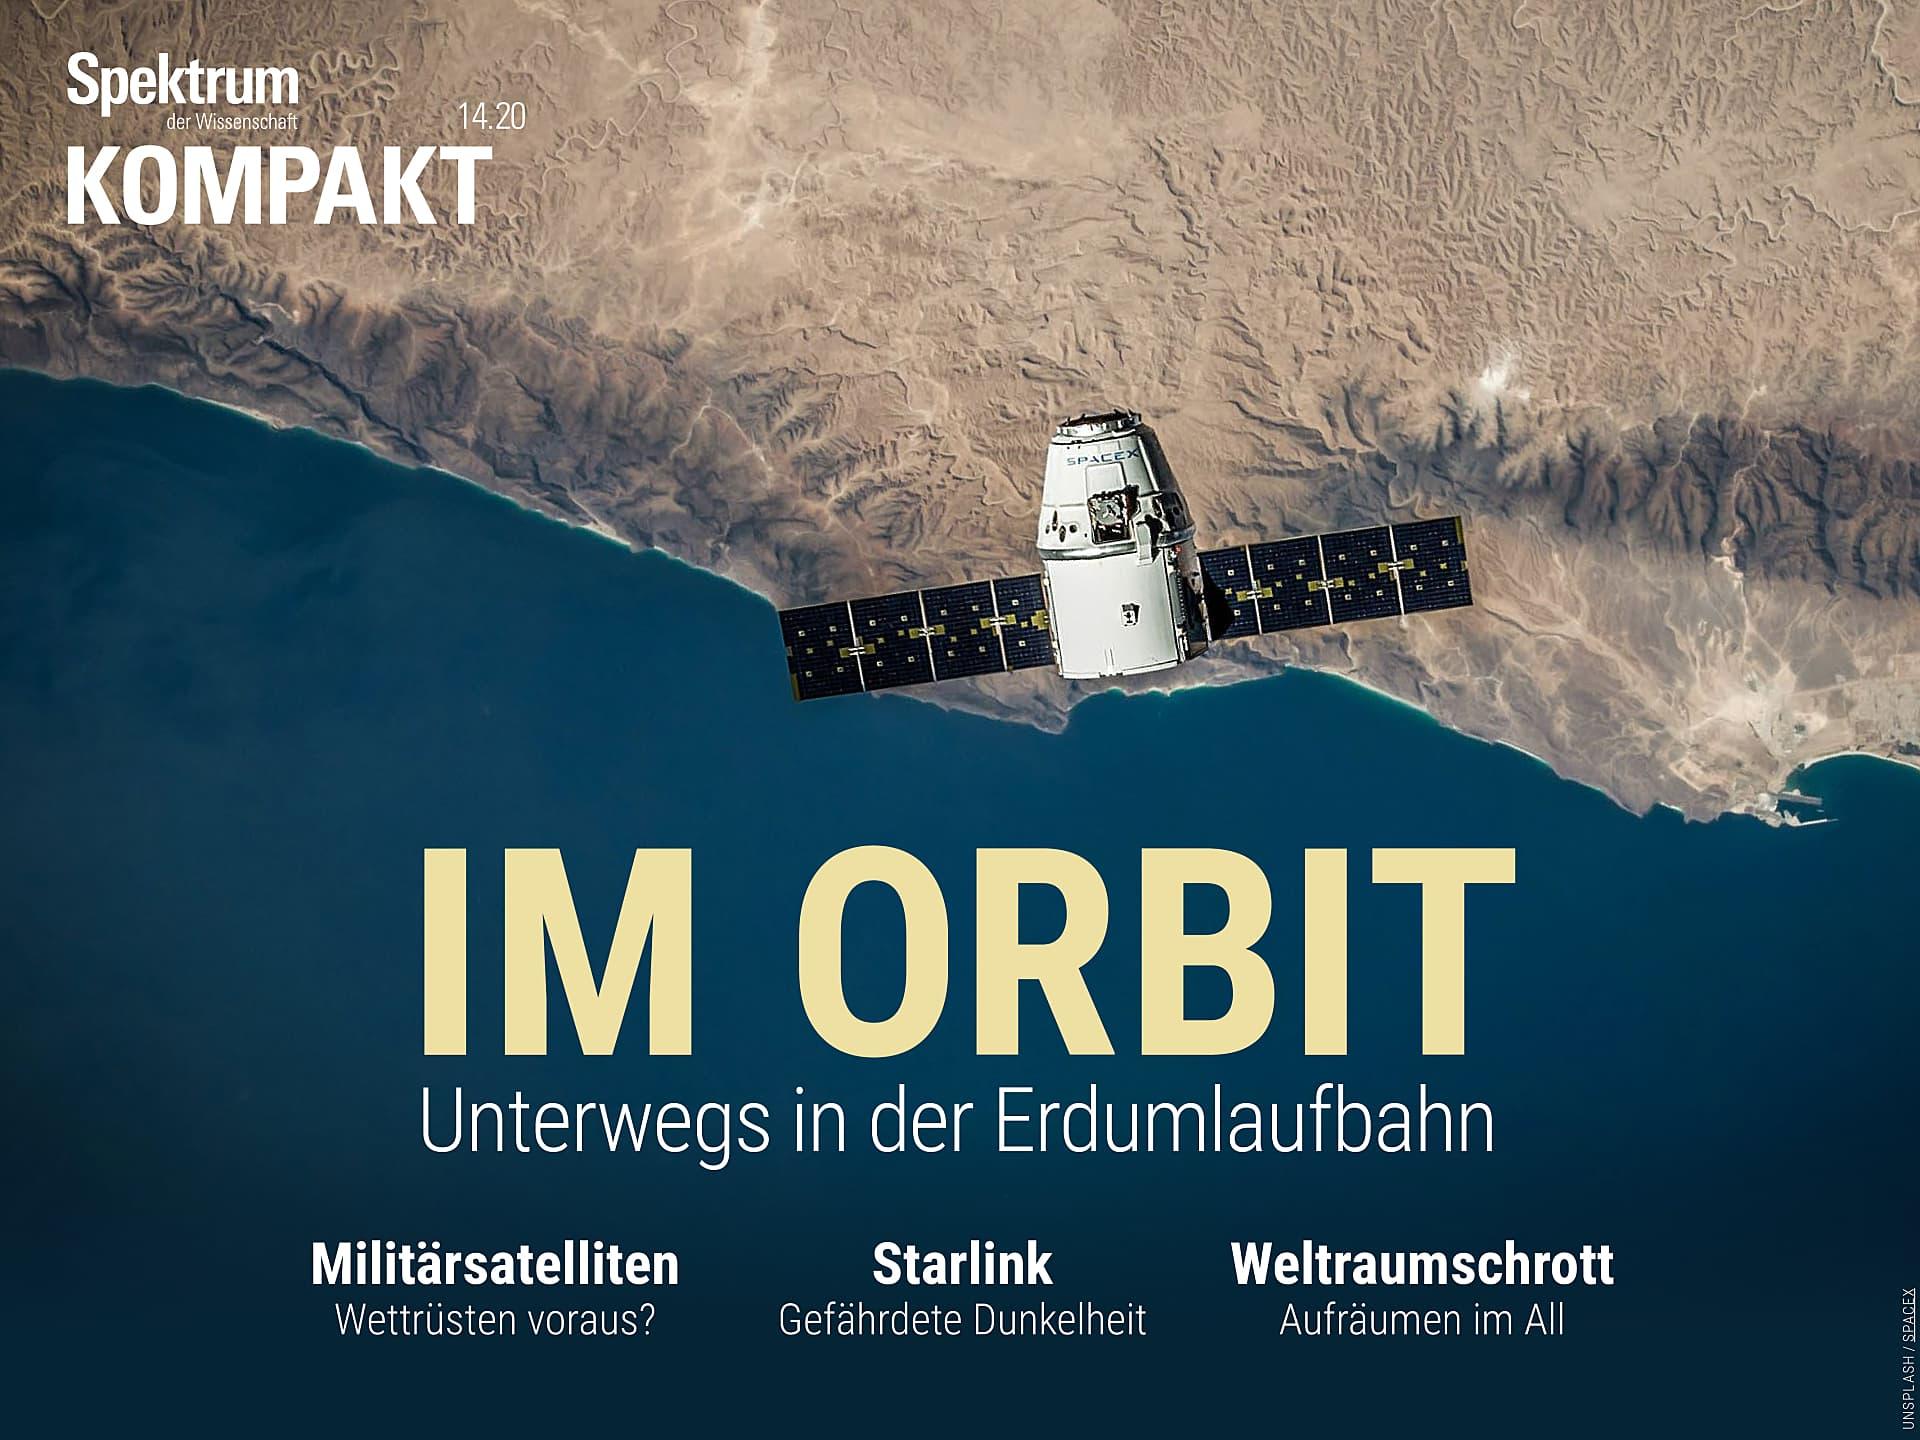 Im Orbit - Unterwegs in der Erdumlaufbahn